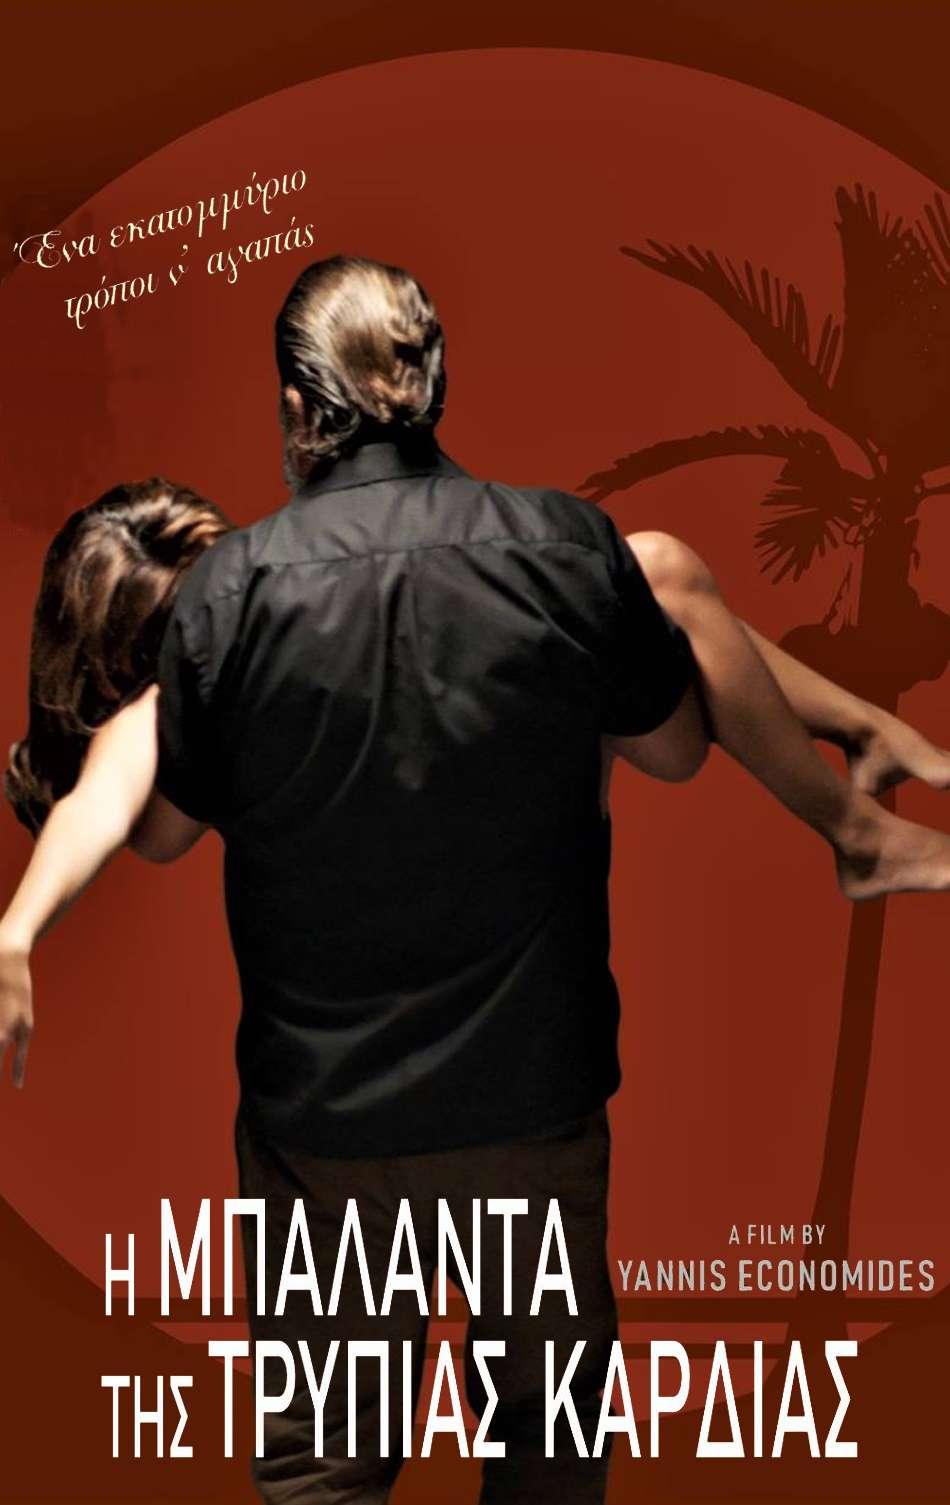 Η Μπαλάντα της Τρύπιας Καρδιάς - Trailer / Τρέιλερ Poster